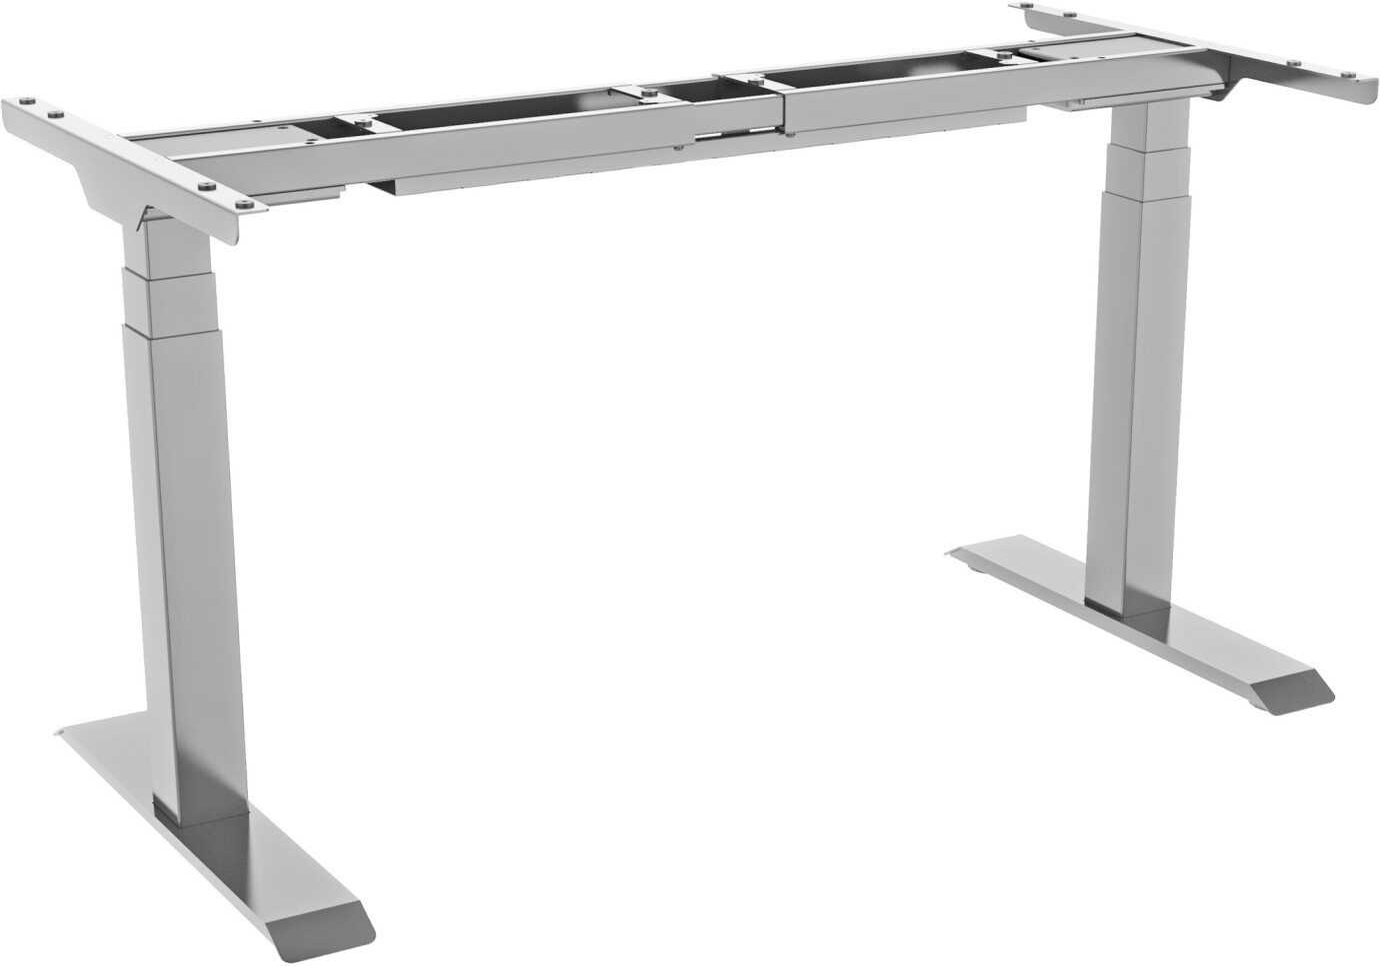 celexon elektrisch höhenverstellbarer Schreibtisch Professional eAdjust-58123 - weiß